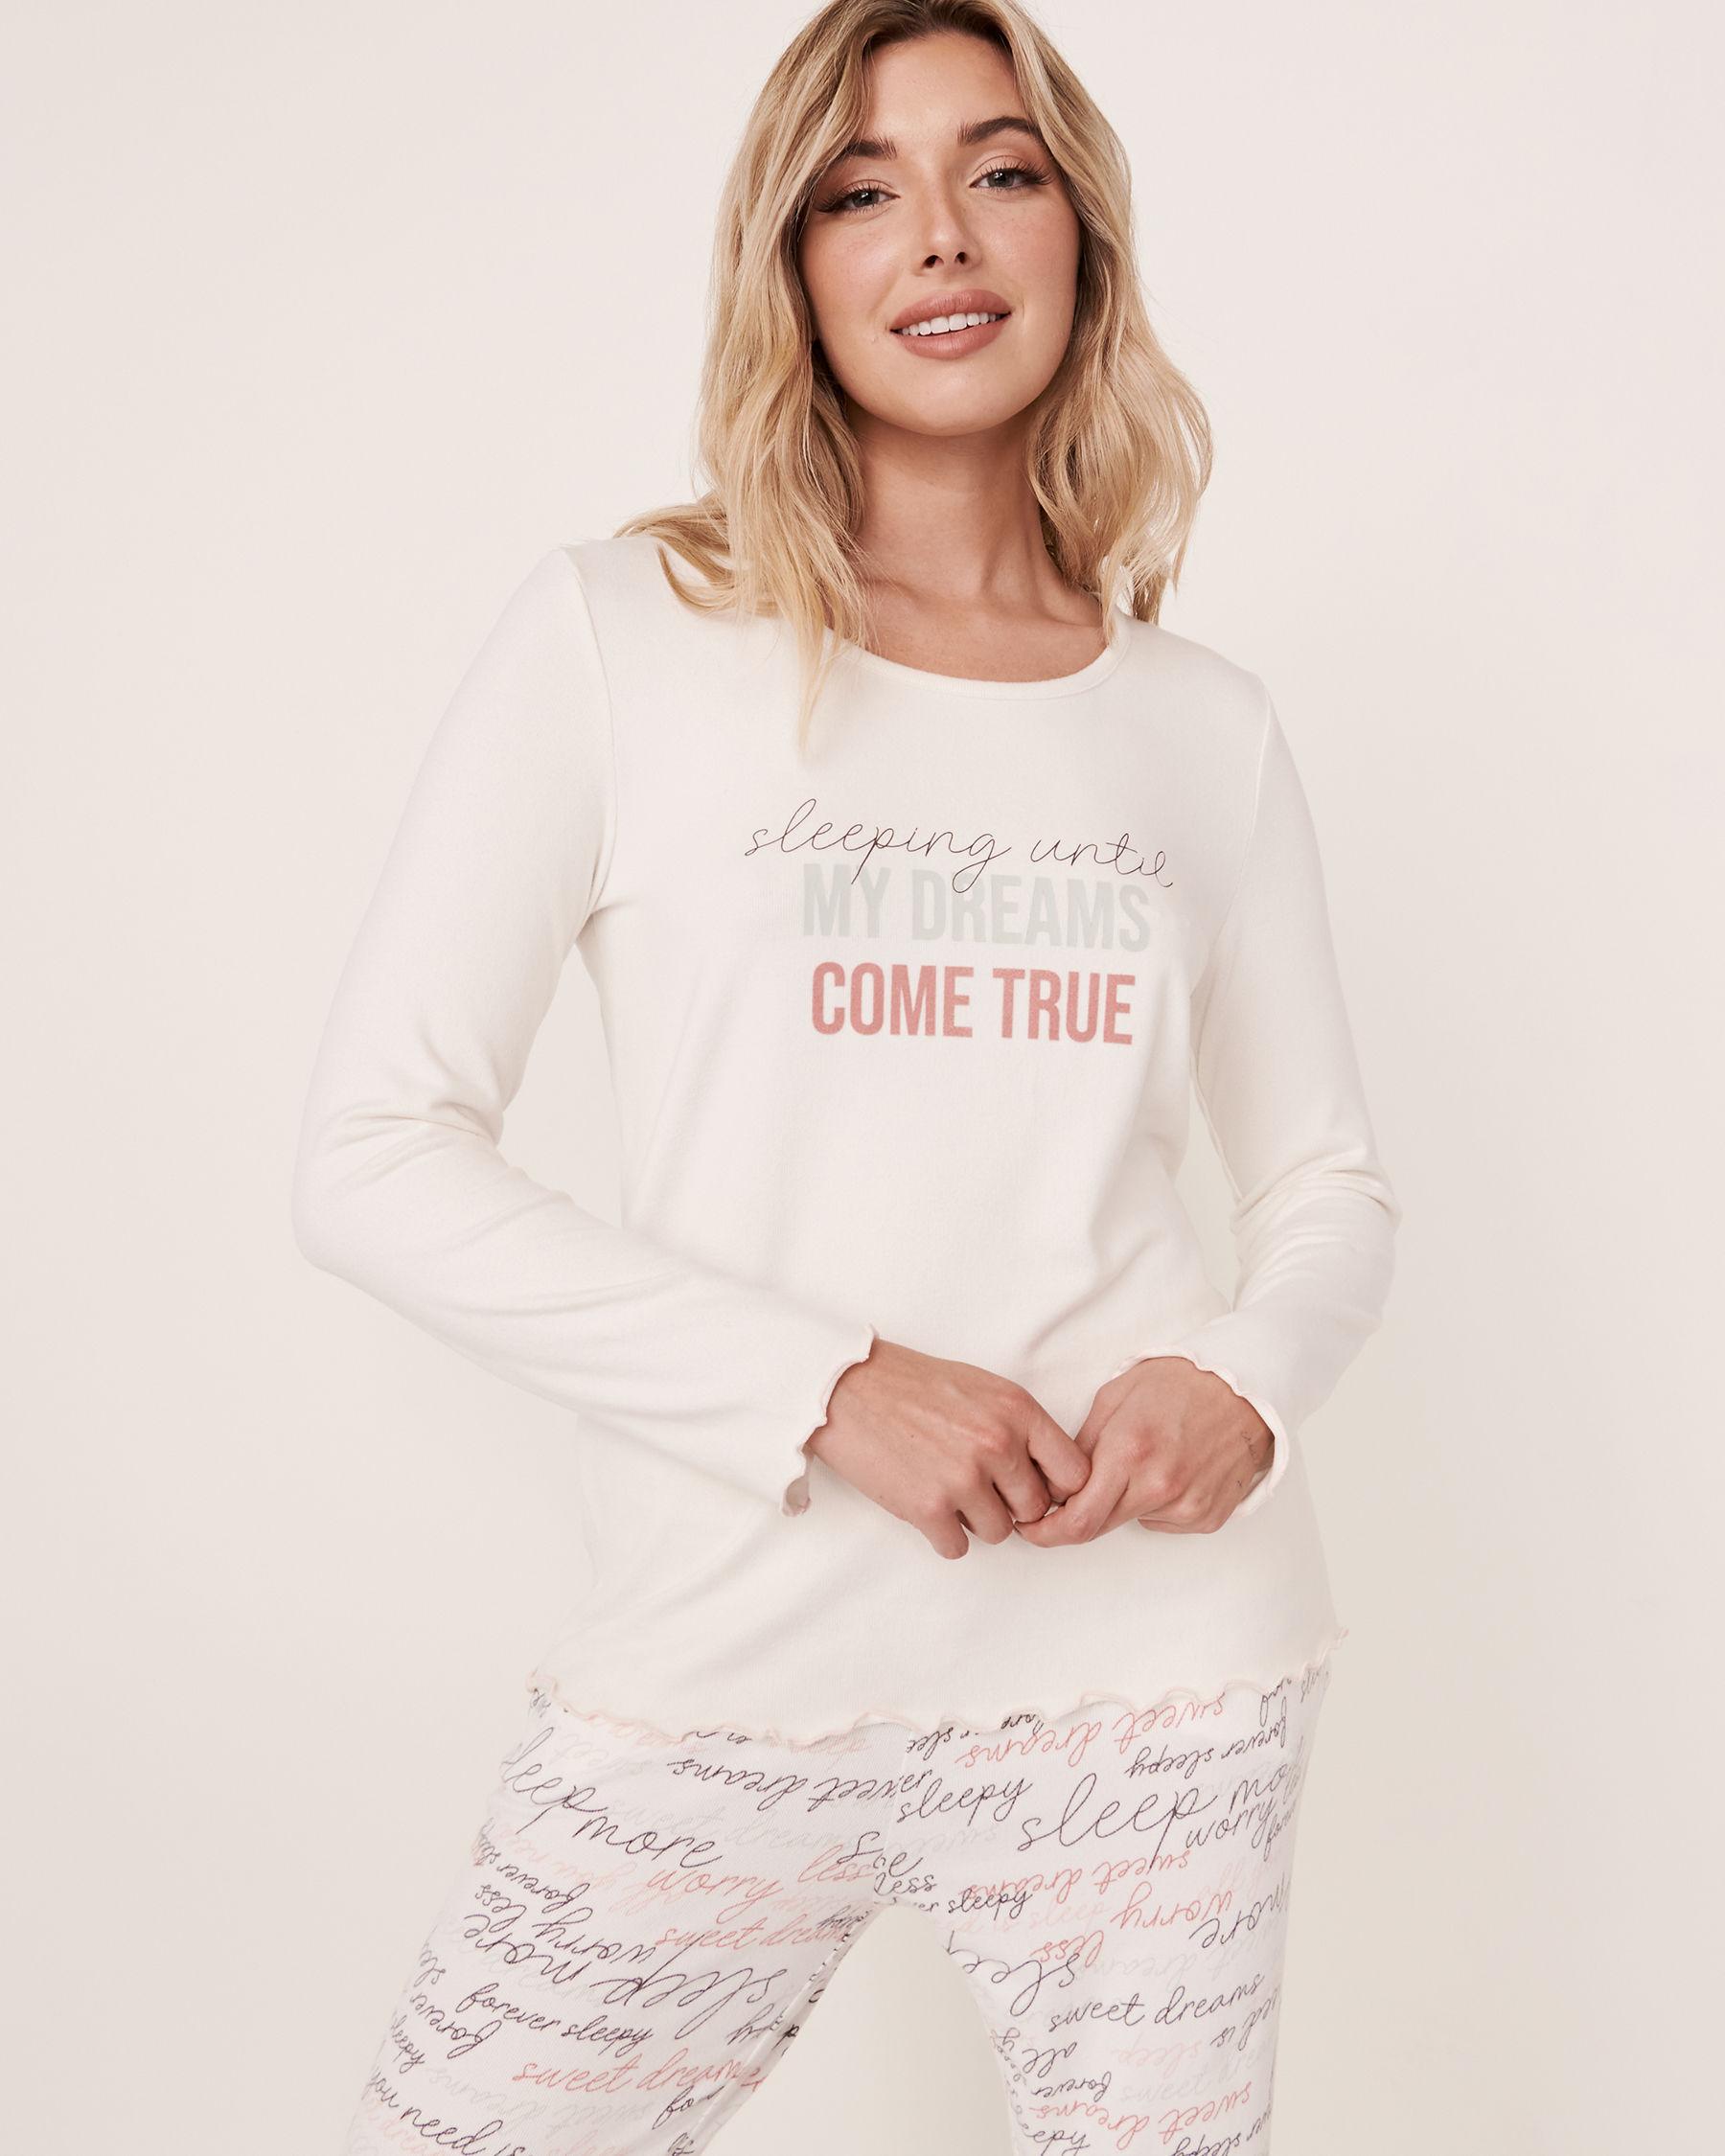 LA VIE EN ROSE Recycled Fibers Scoop Neck Long Sleeve Shirt White 40100093 - View1